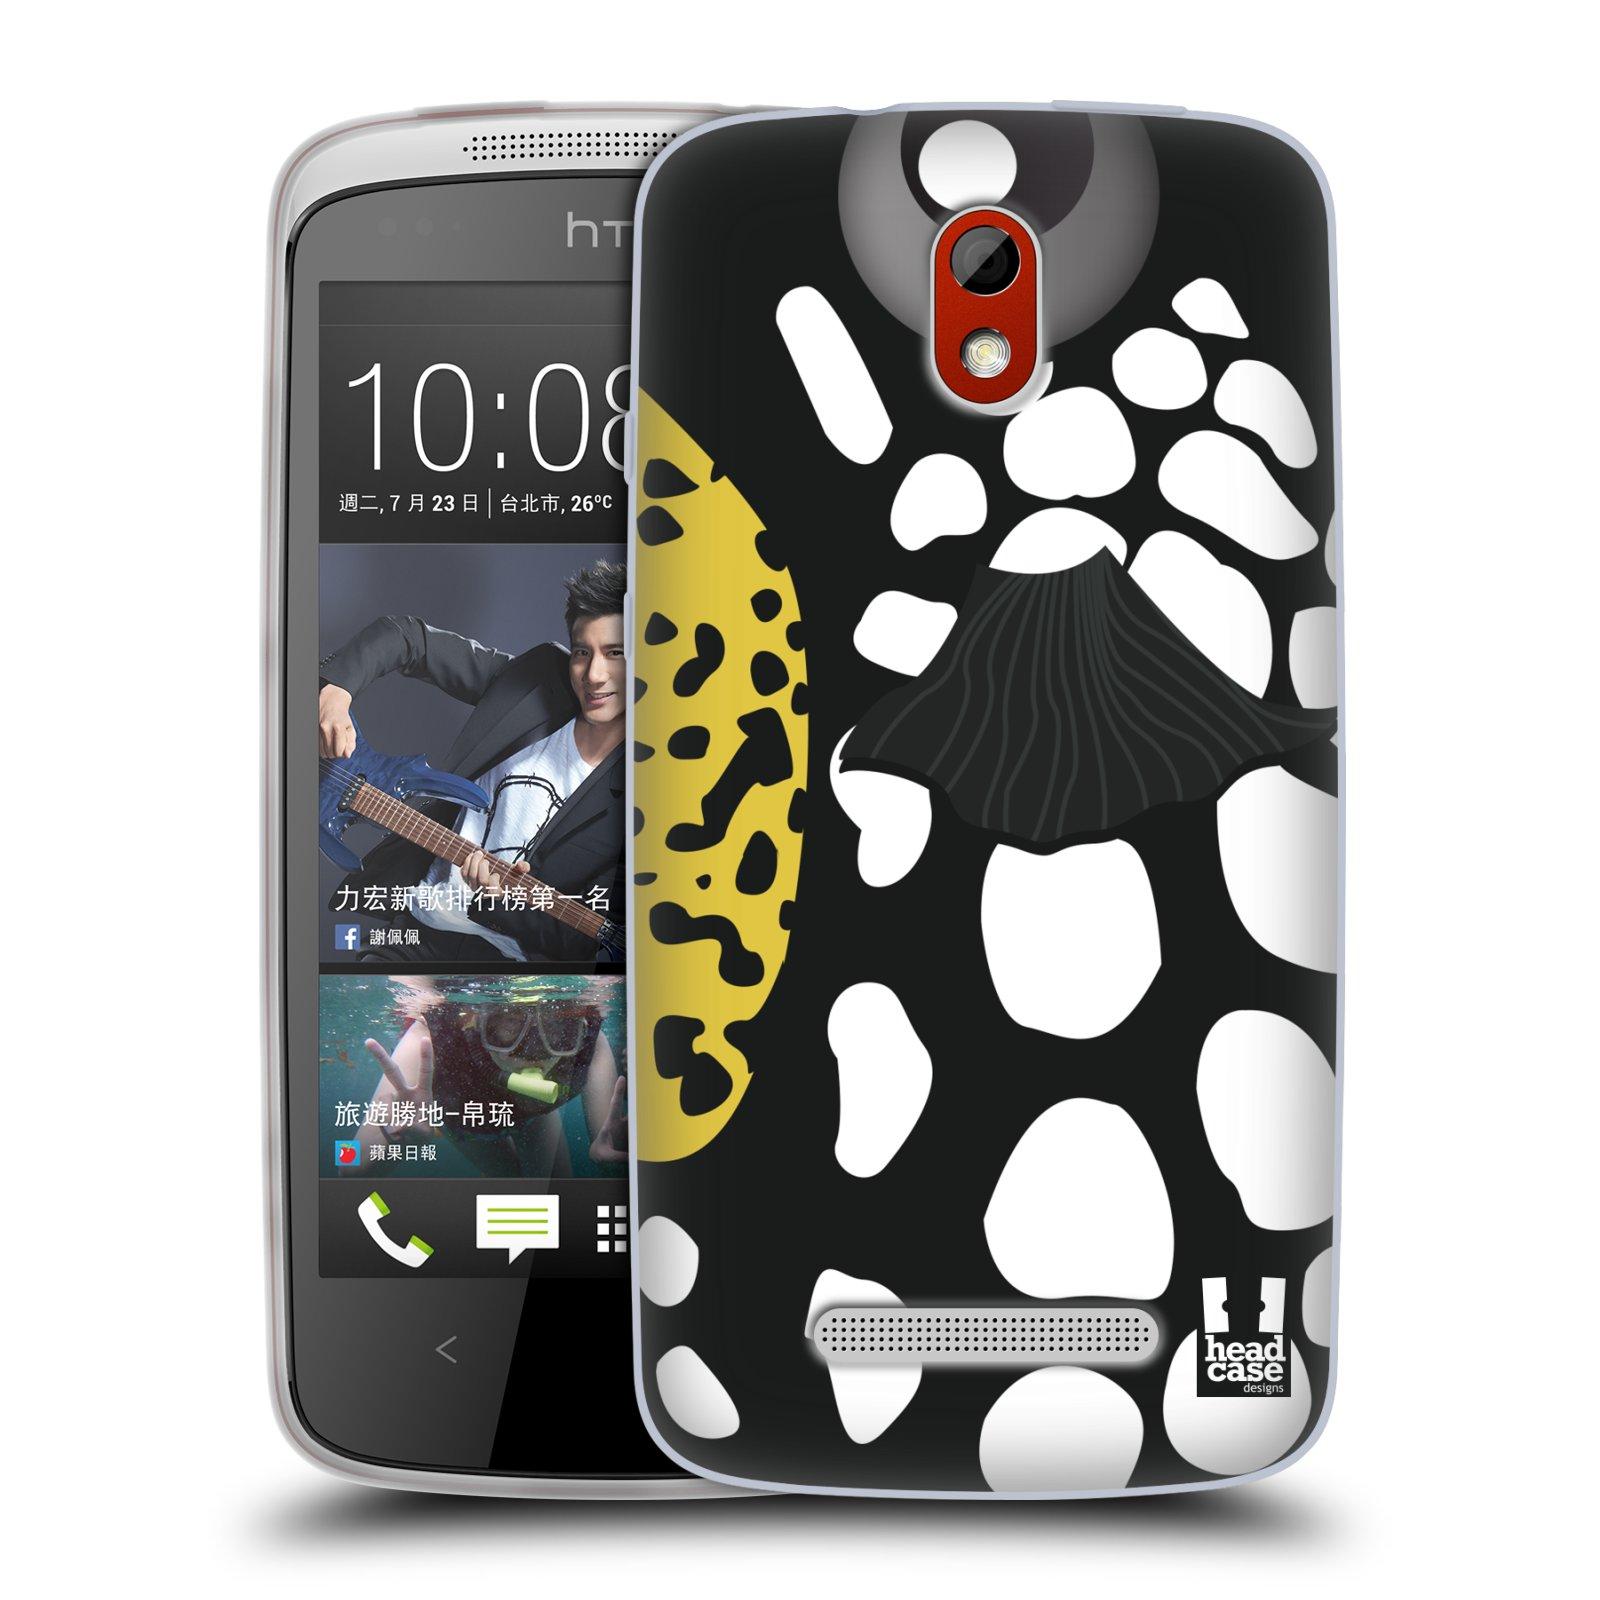 HEAD CASE silikonový obal na mobil HTC DESIRE 500 vzor Rybičky z profilu černá a bílá